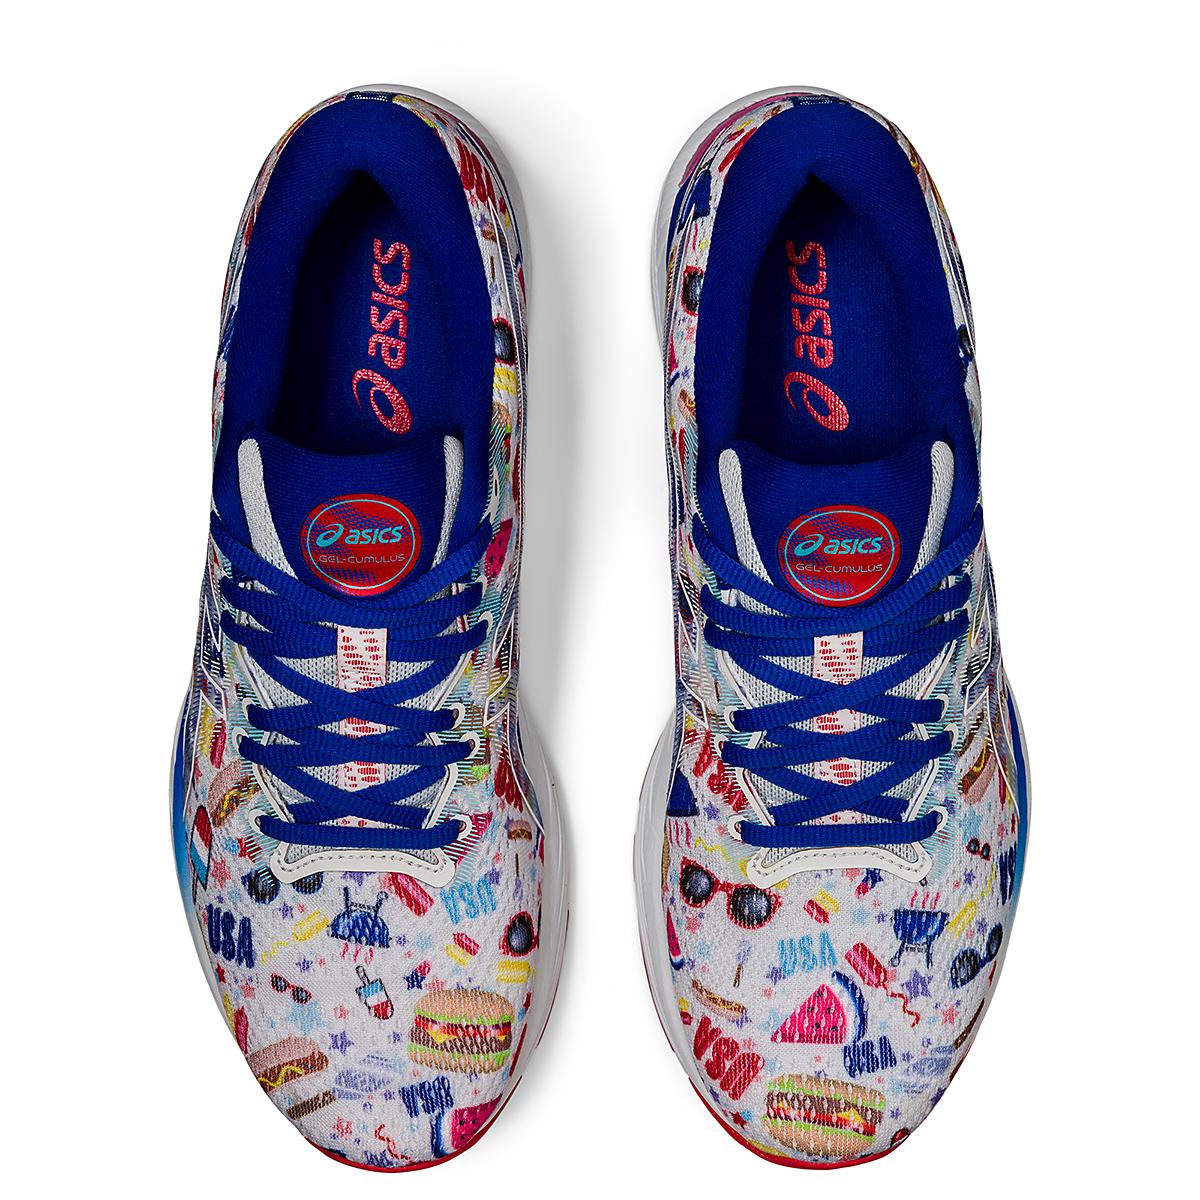 Men's Asics Gel-Cumulus 23 Cookout Running Shoe - Color: Polar Shade/White - Size: 6 - Width: Regular, Polar Shade/White, large, image 6